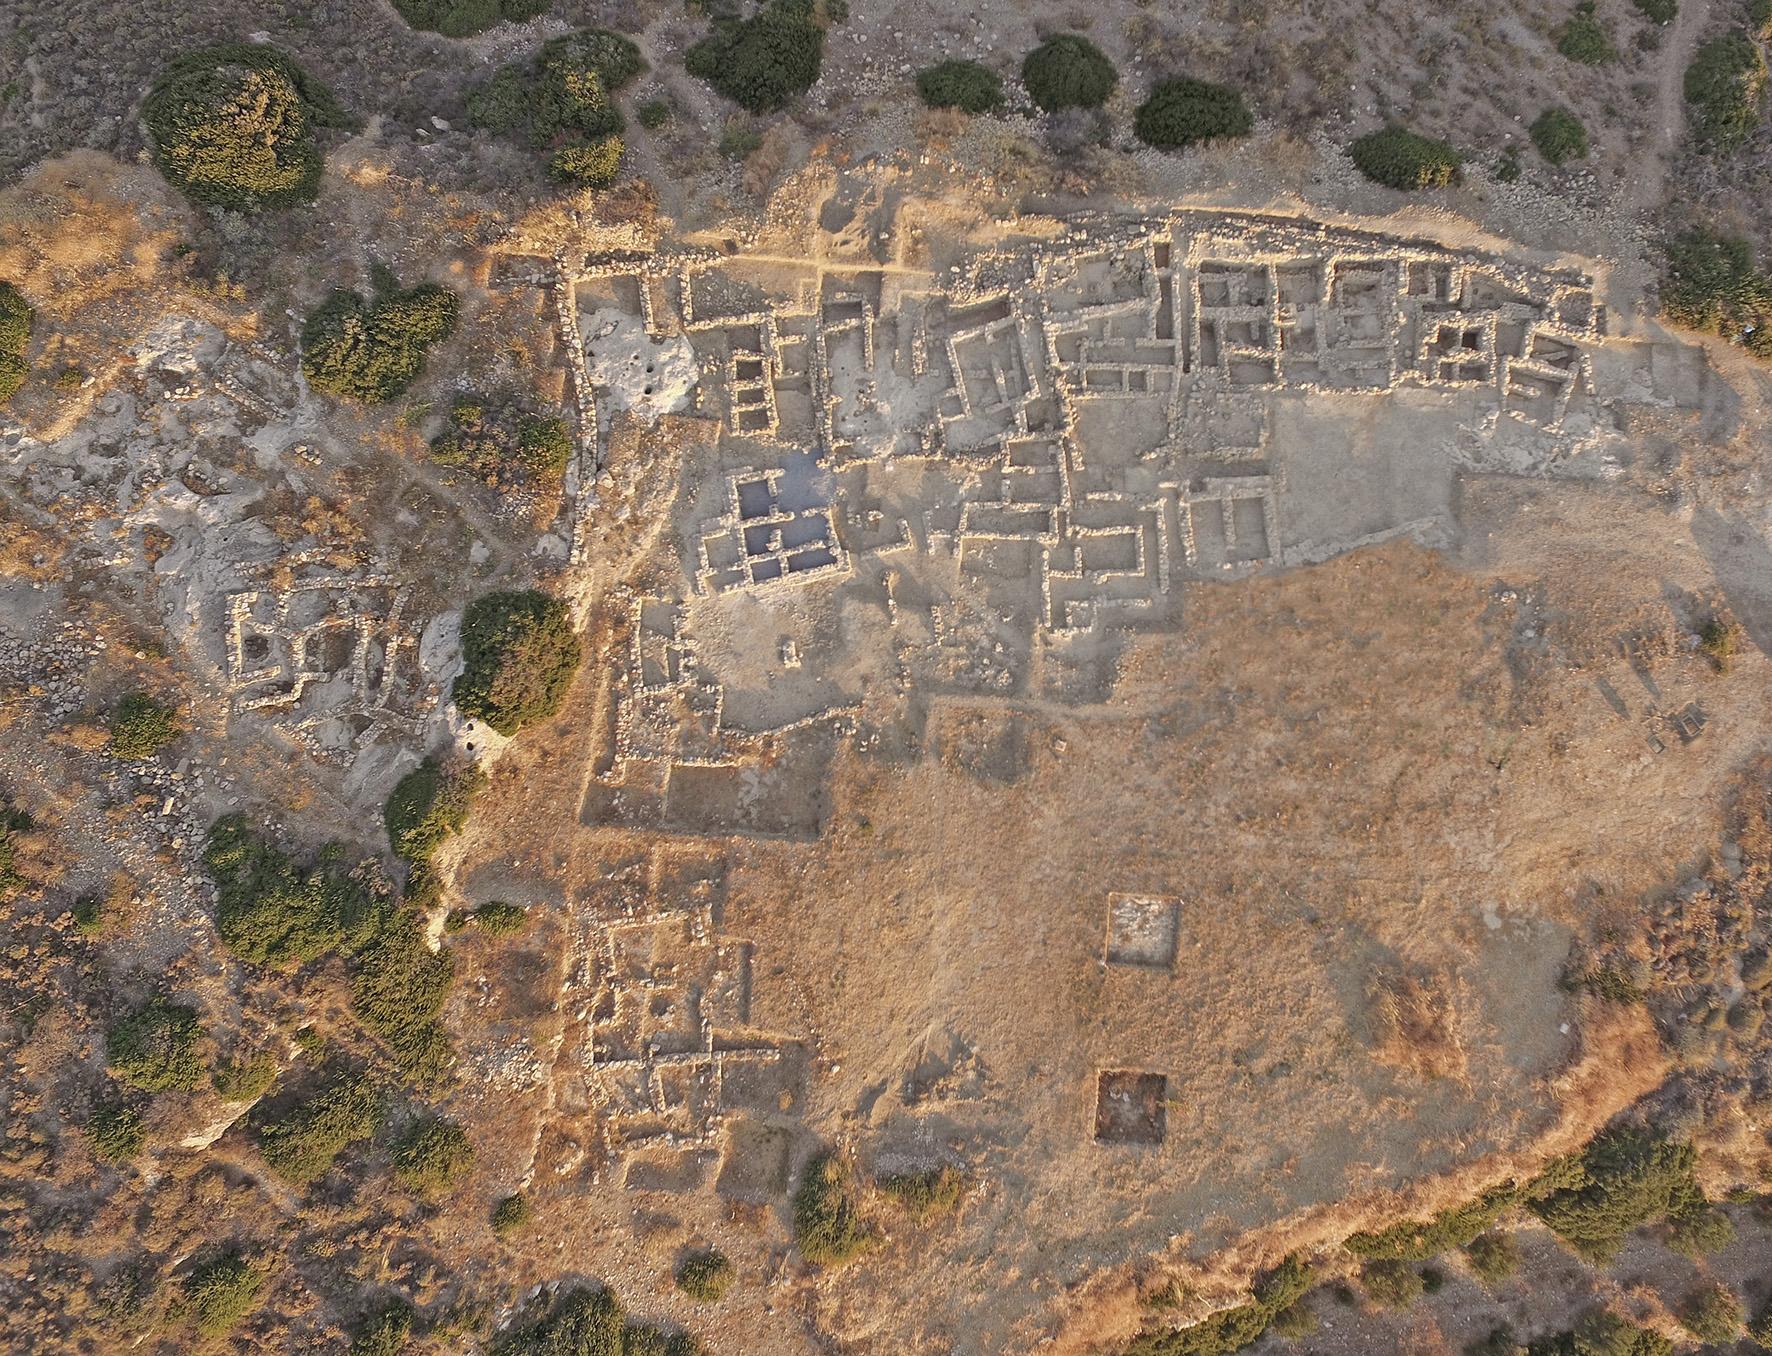 Η Ανασκαφή του προ-παλαιοανακτορικού μινωικού νεκροταφείου στον Πετρά Σητείας -